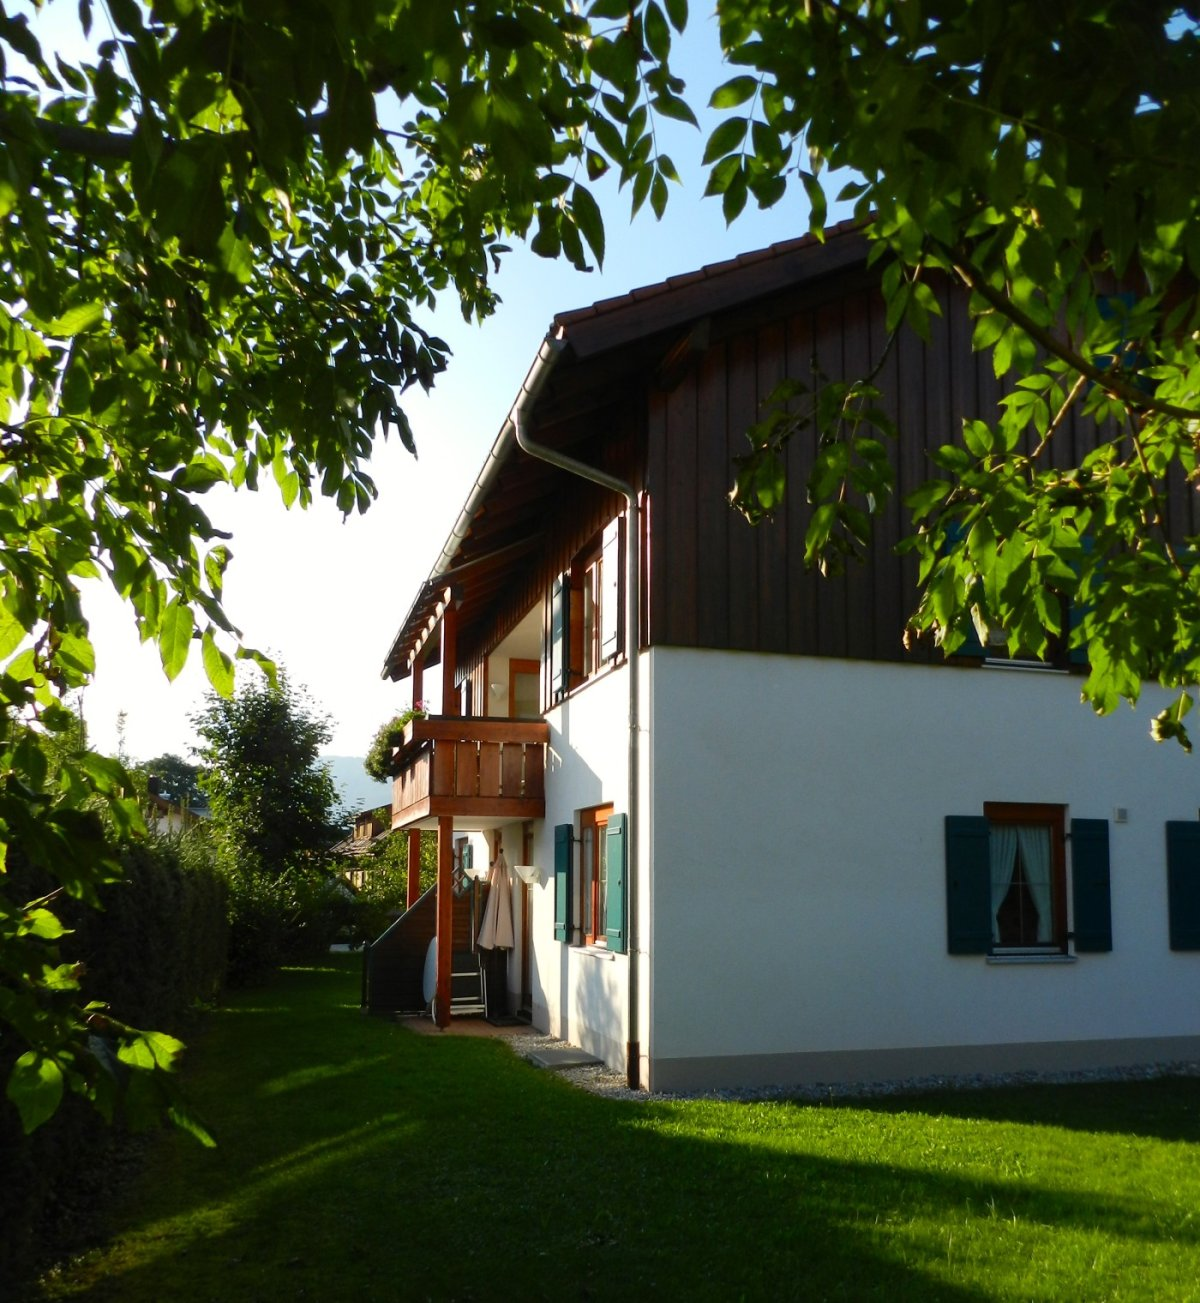 Oberstdorf (Ferienwohnung Mayer-Dolpp